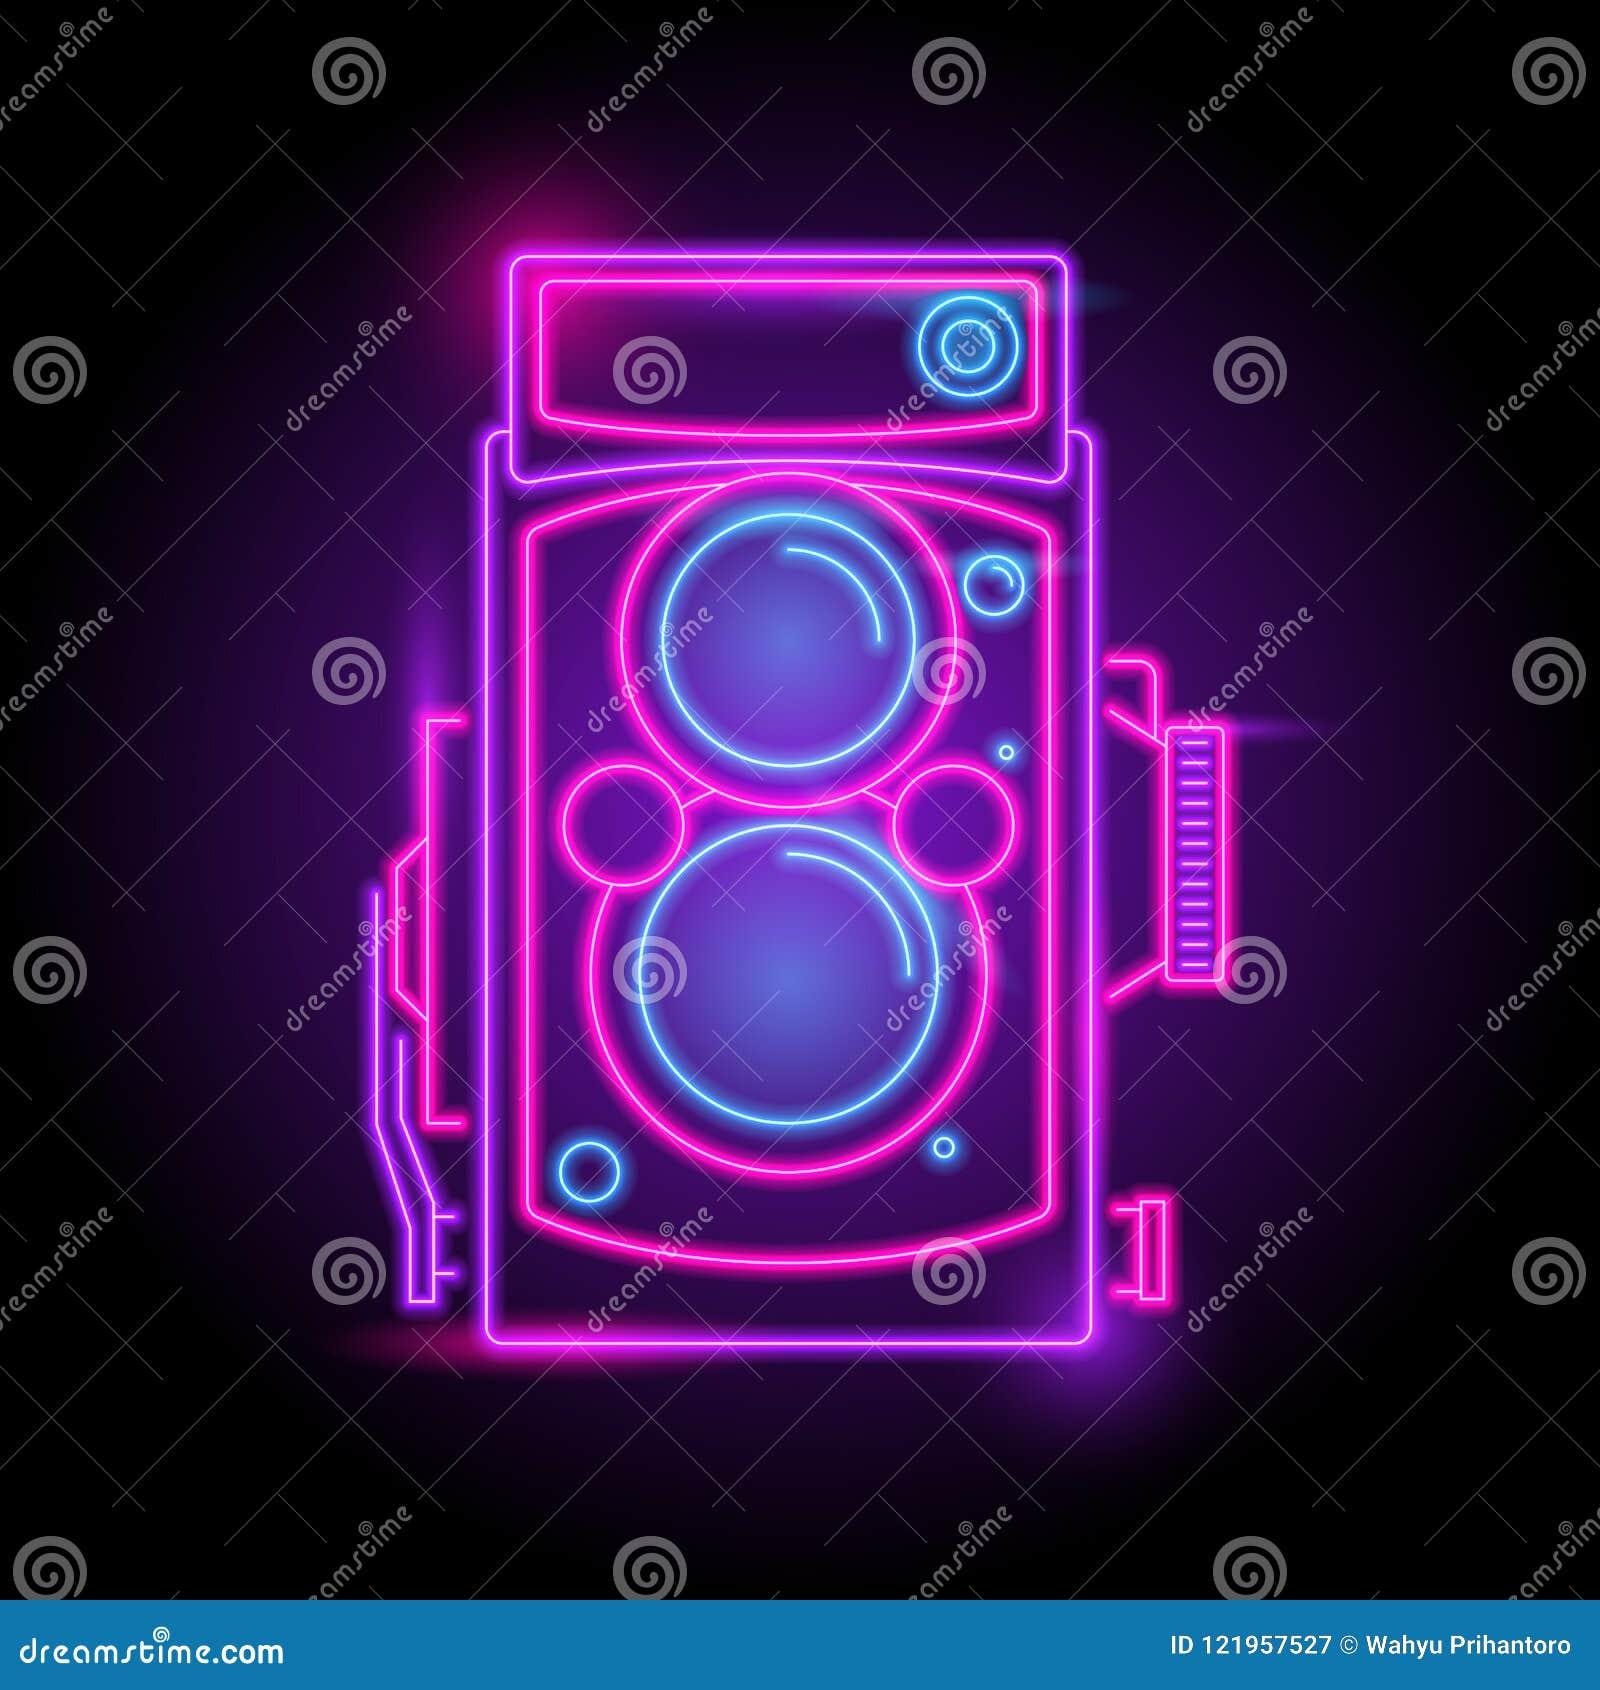 Камера ночного клуба ночной клуб с музыкой 90 х москва